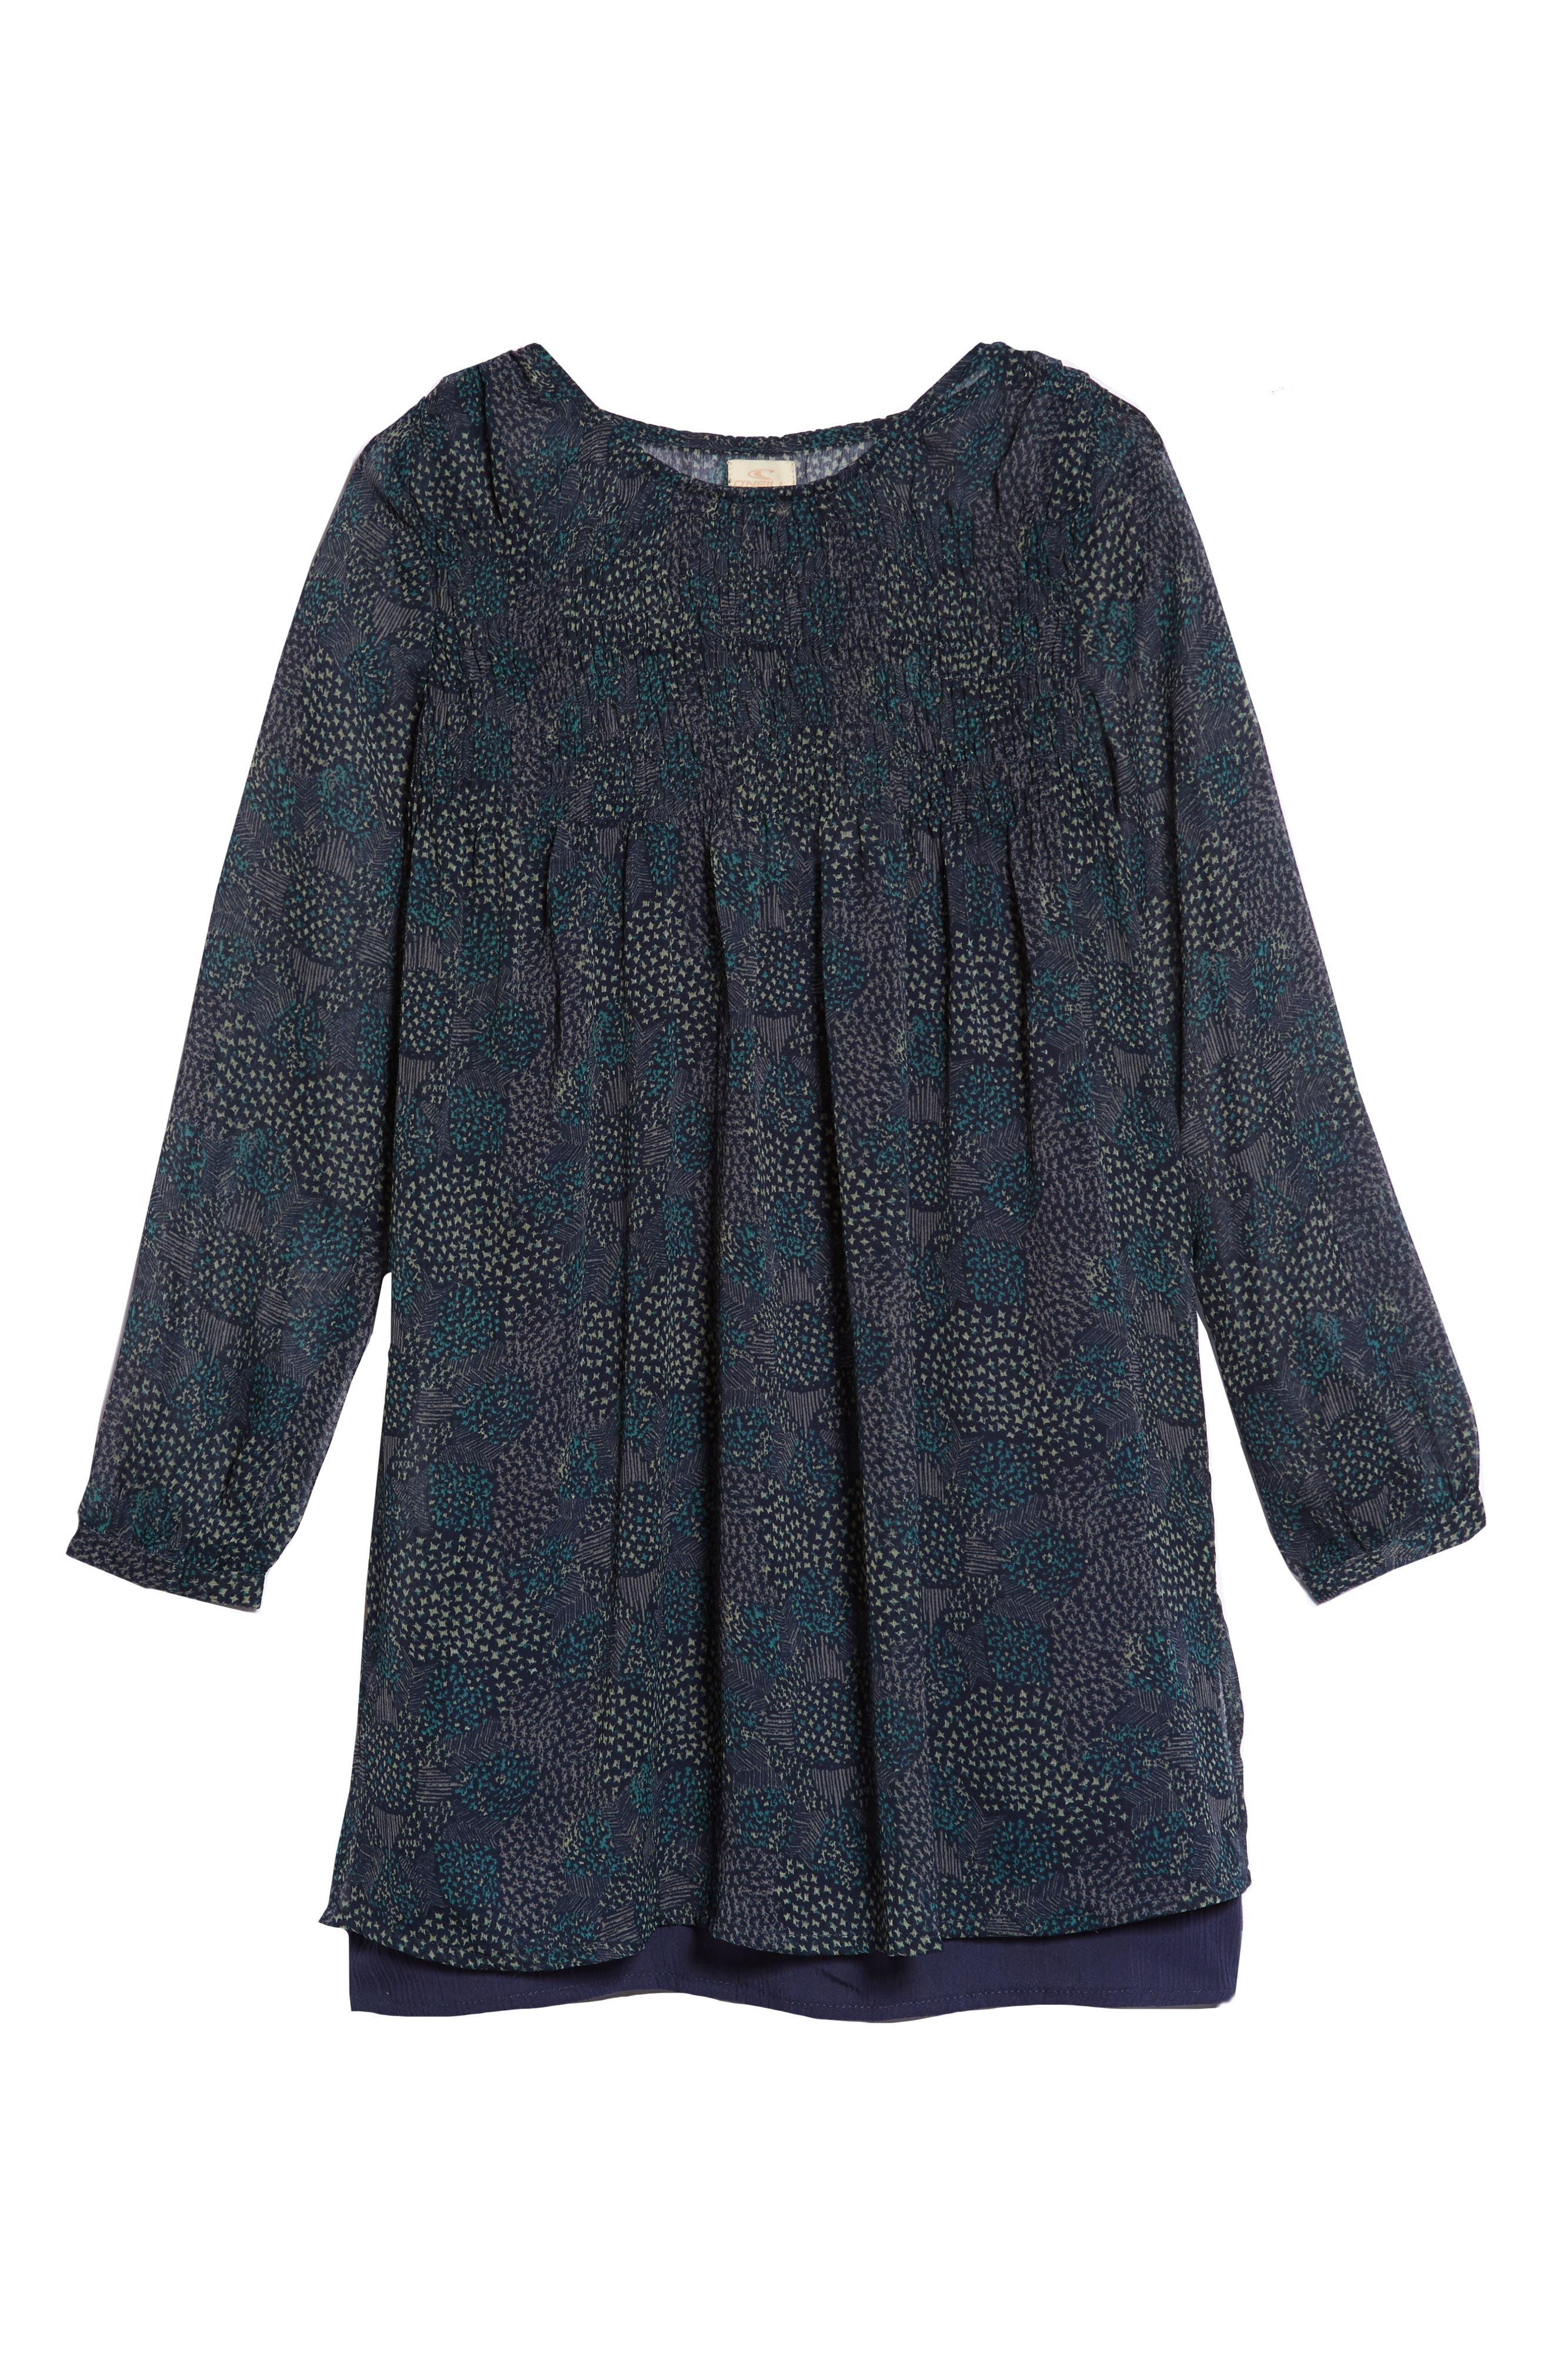 Summer Layered Dress,                         Main,                         color, MOOD INDIGO